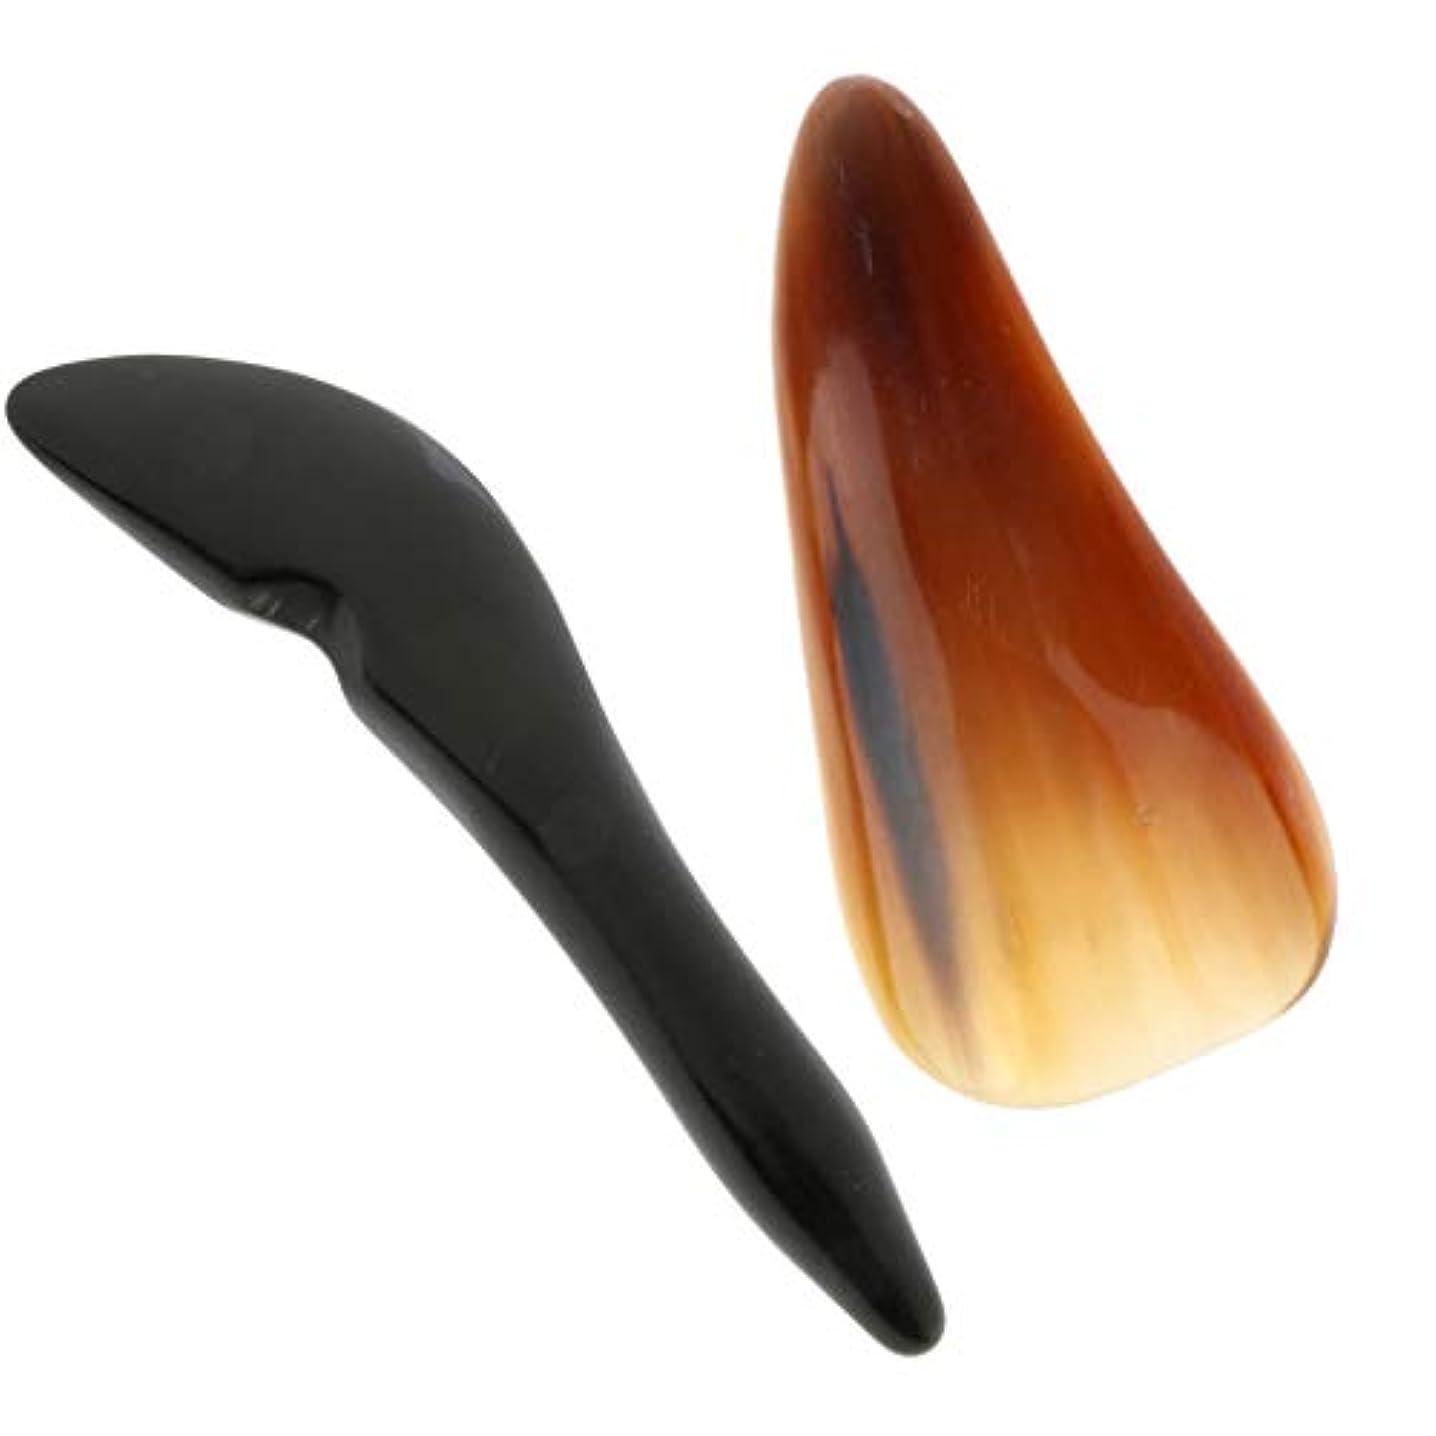 アレキサンダーグラハムベル荒らすしがみつくD DOLITY マッサージツール グアシャ スクレーパー ボード スクレーピング 使いやすい 2個入